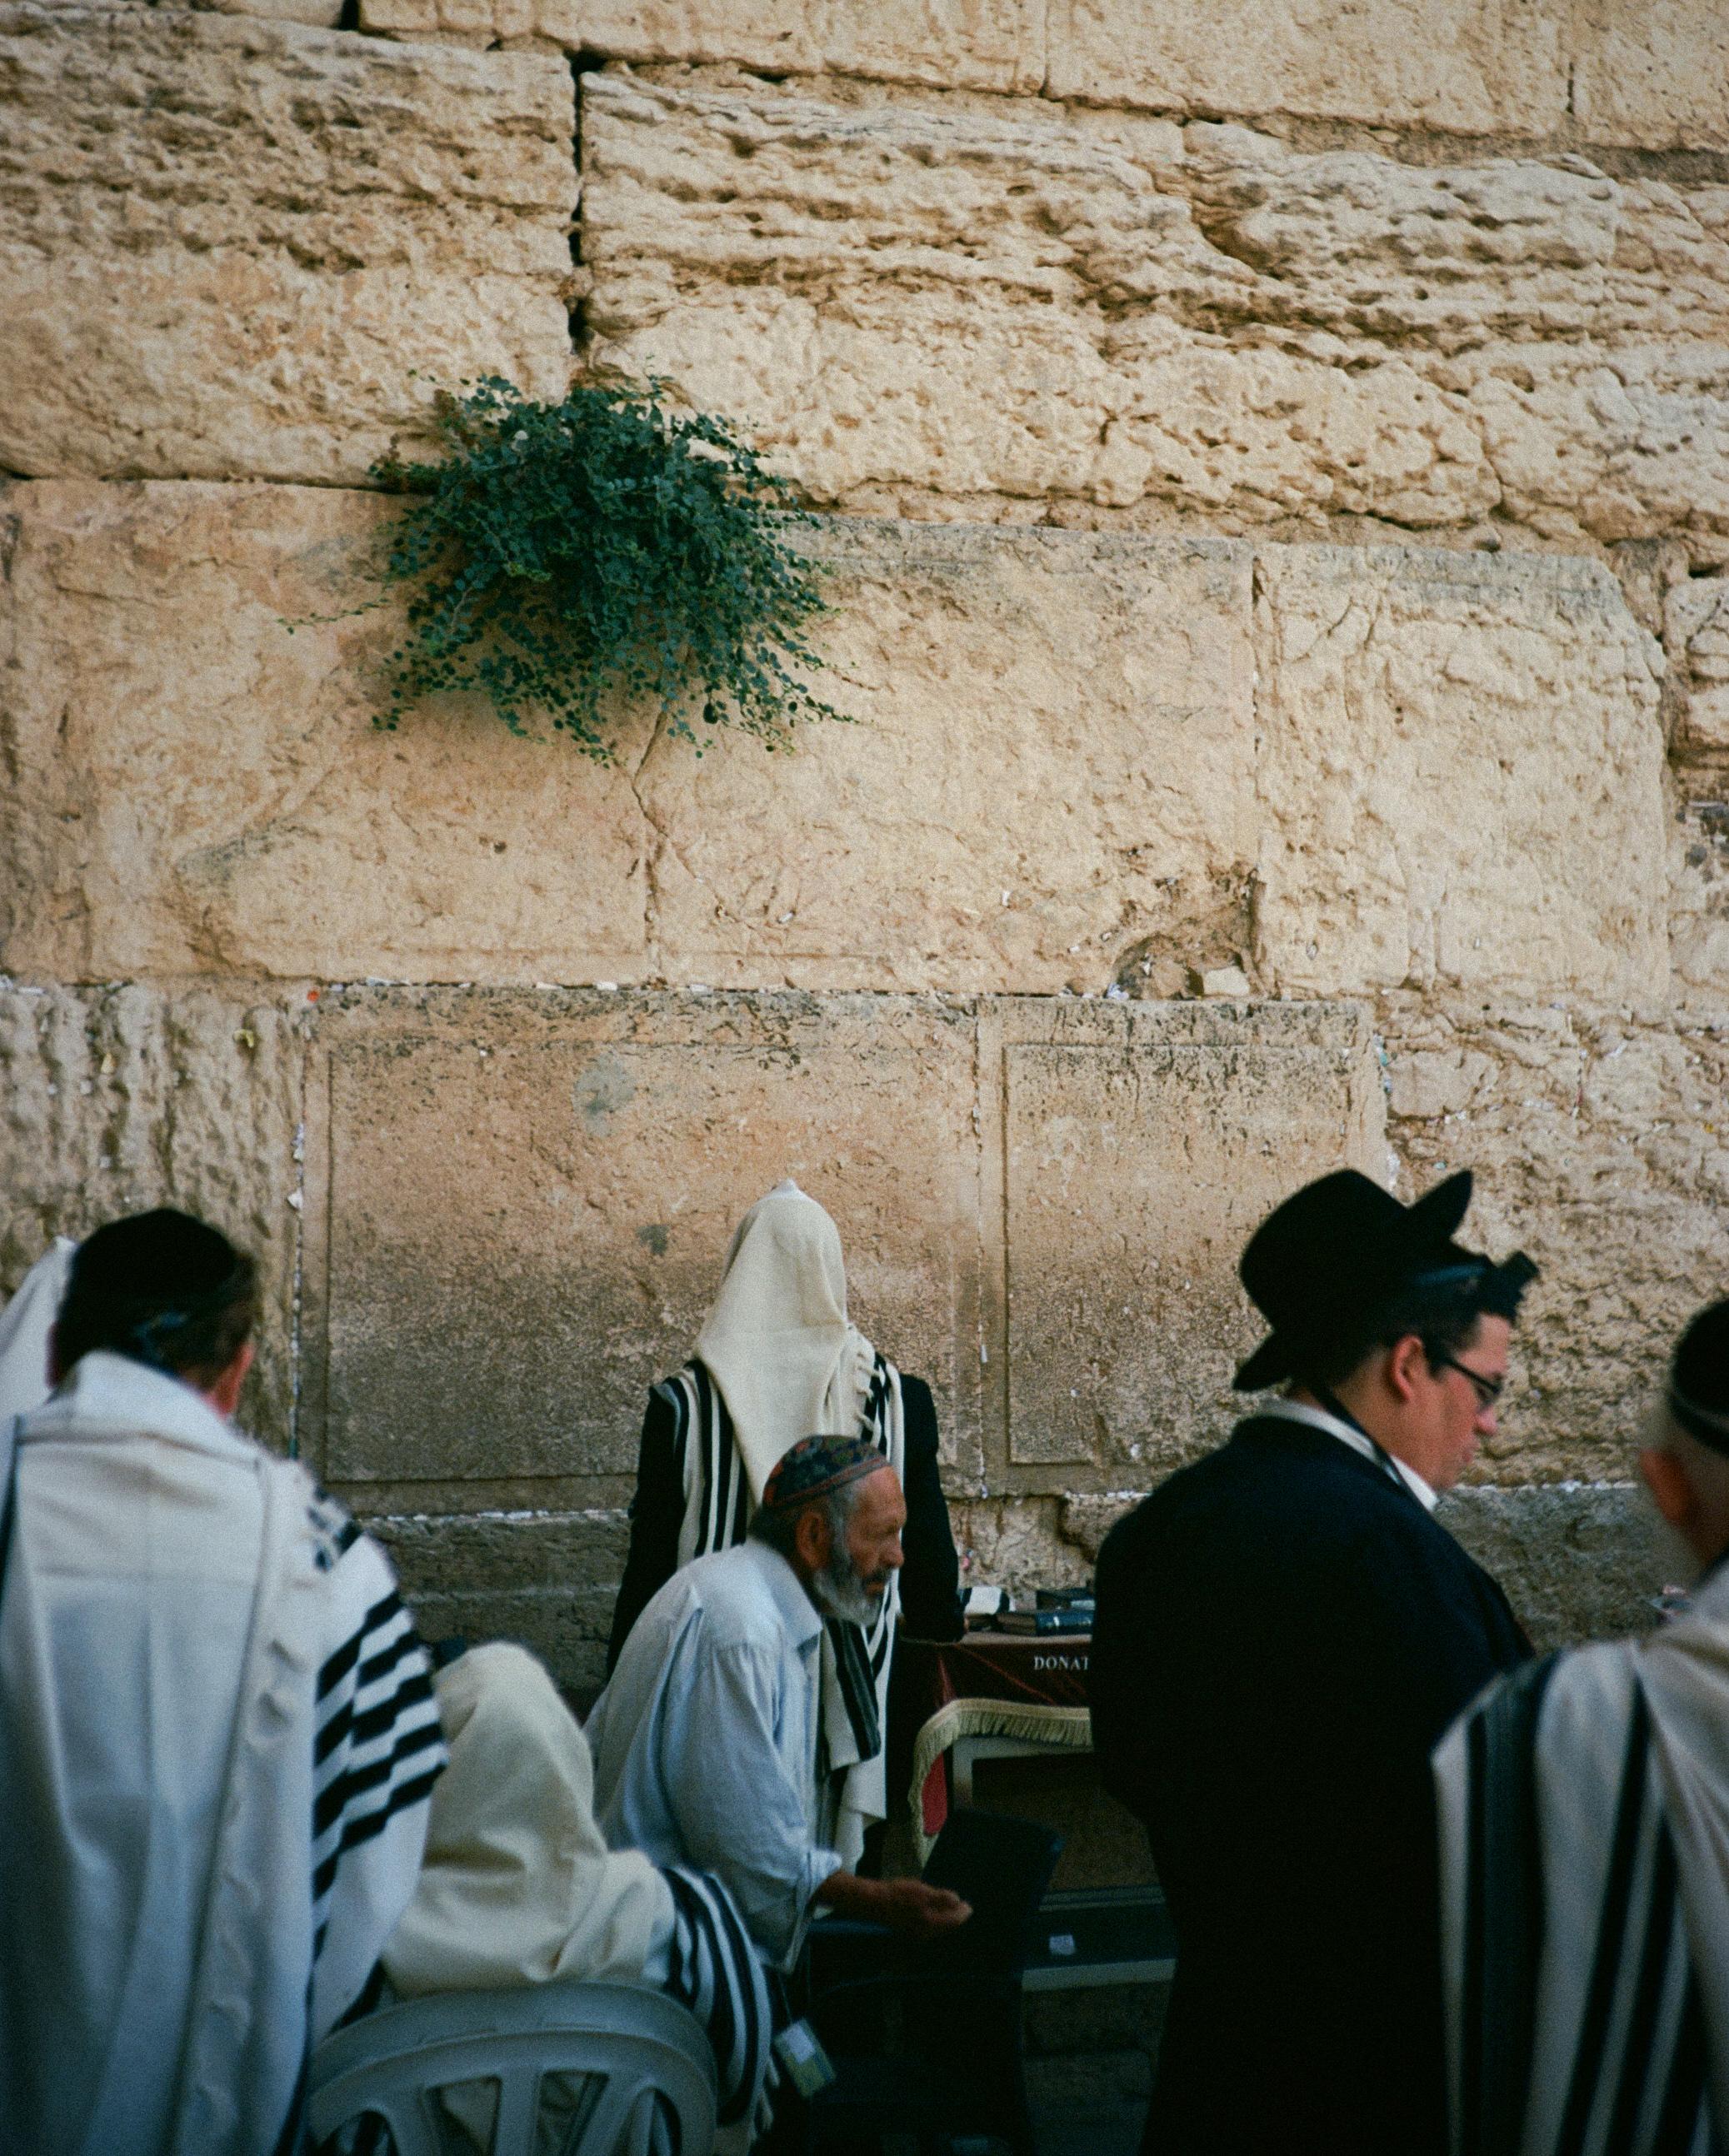 Israel1 (1 of 1).jpg